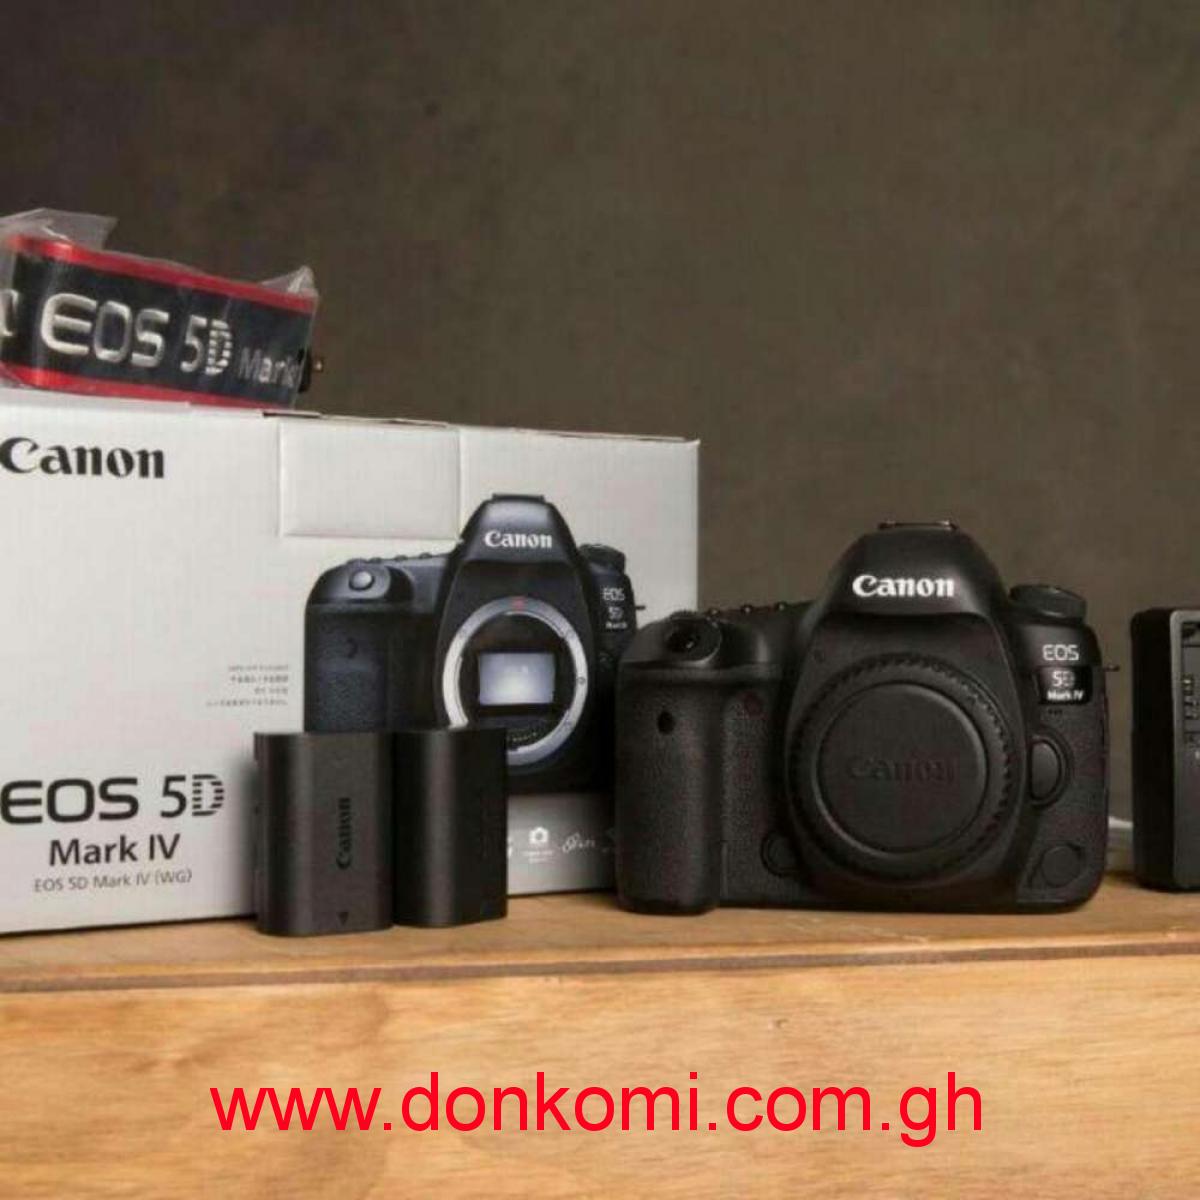 I want canon camera 5D mark II